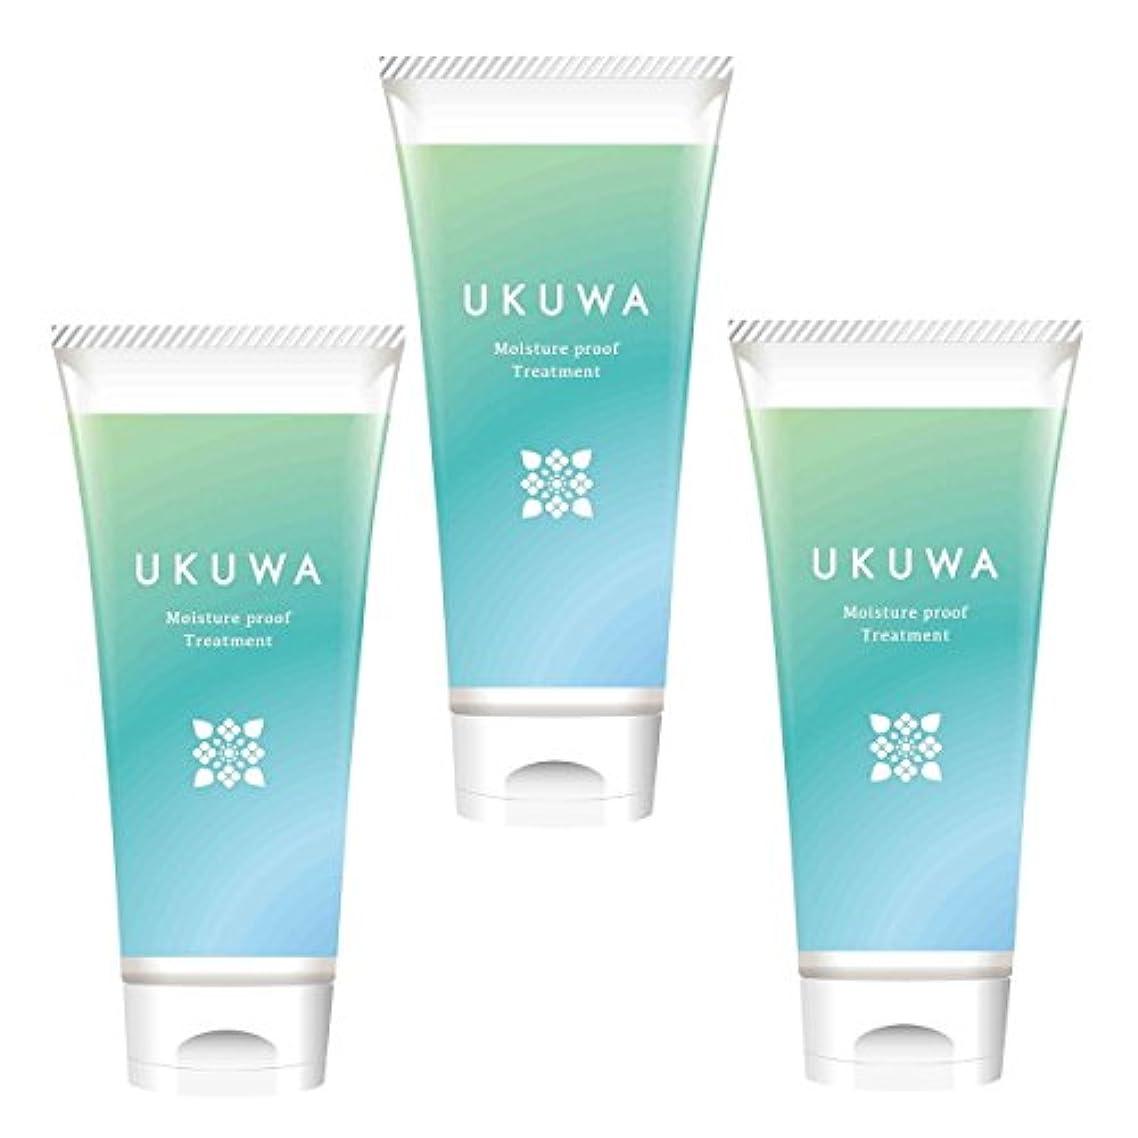 排出セージラビリンスディアテック UKUWA(ウクワ)(雨花)モイスチャー プルーフ トリートメント 100g×3本セット